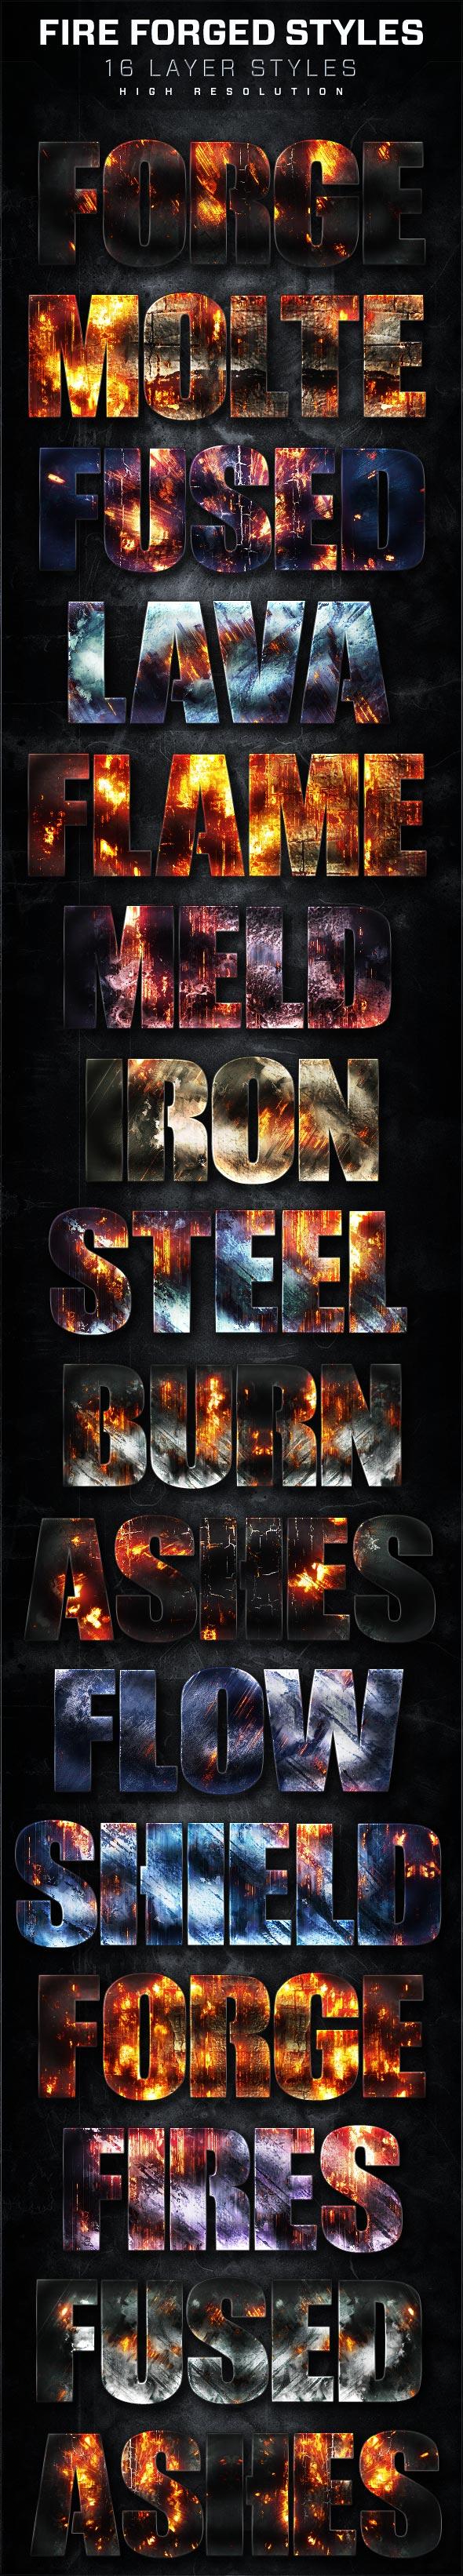 火焰燃烧主题艺术字设计PS样式V6